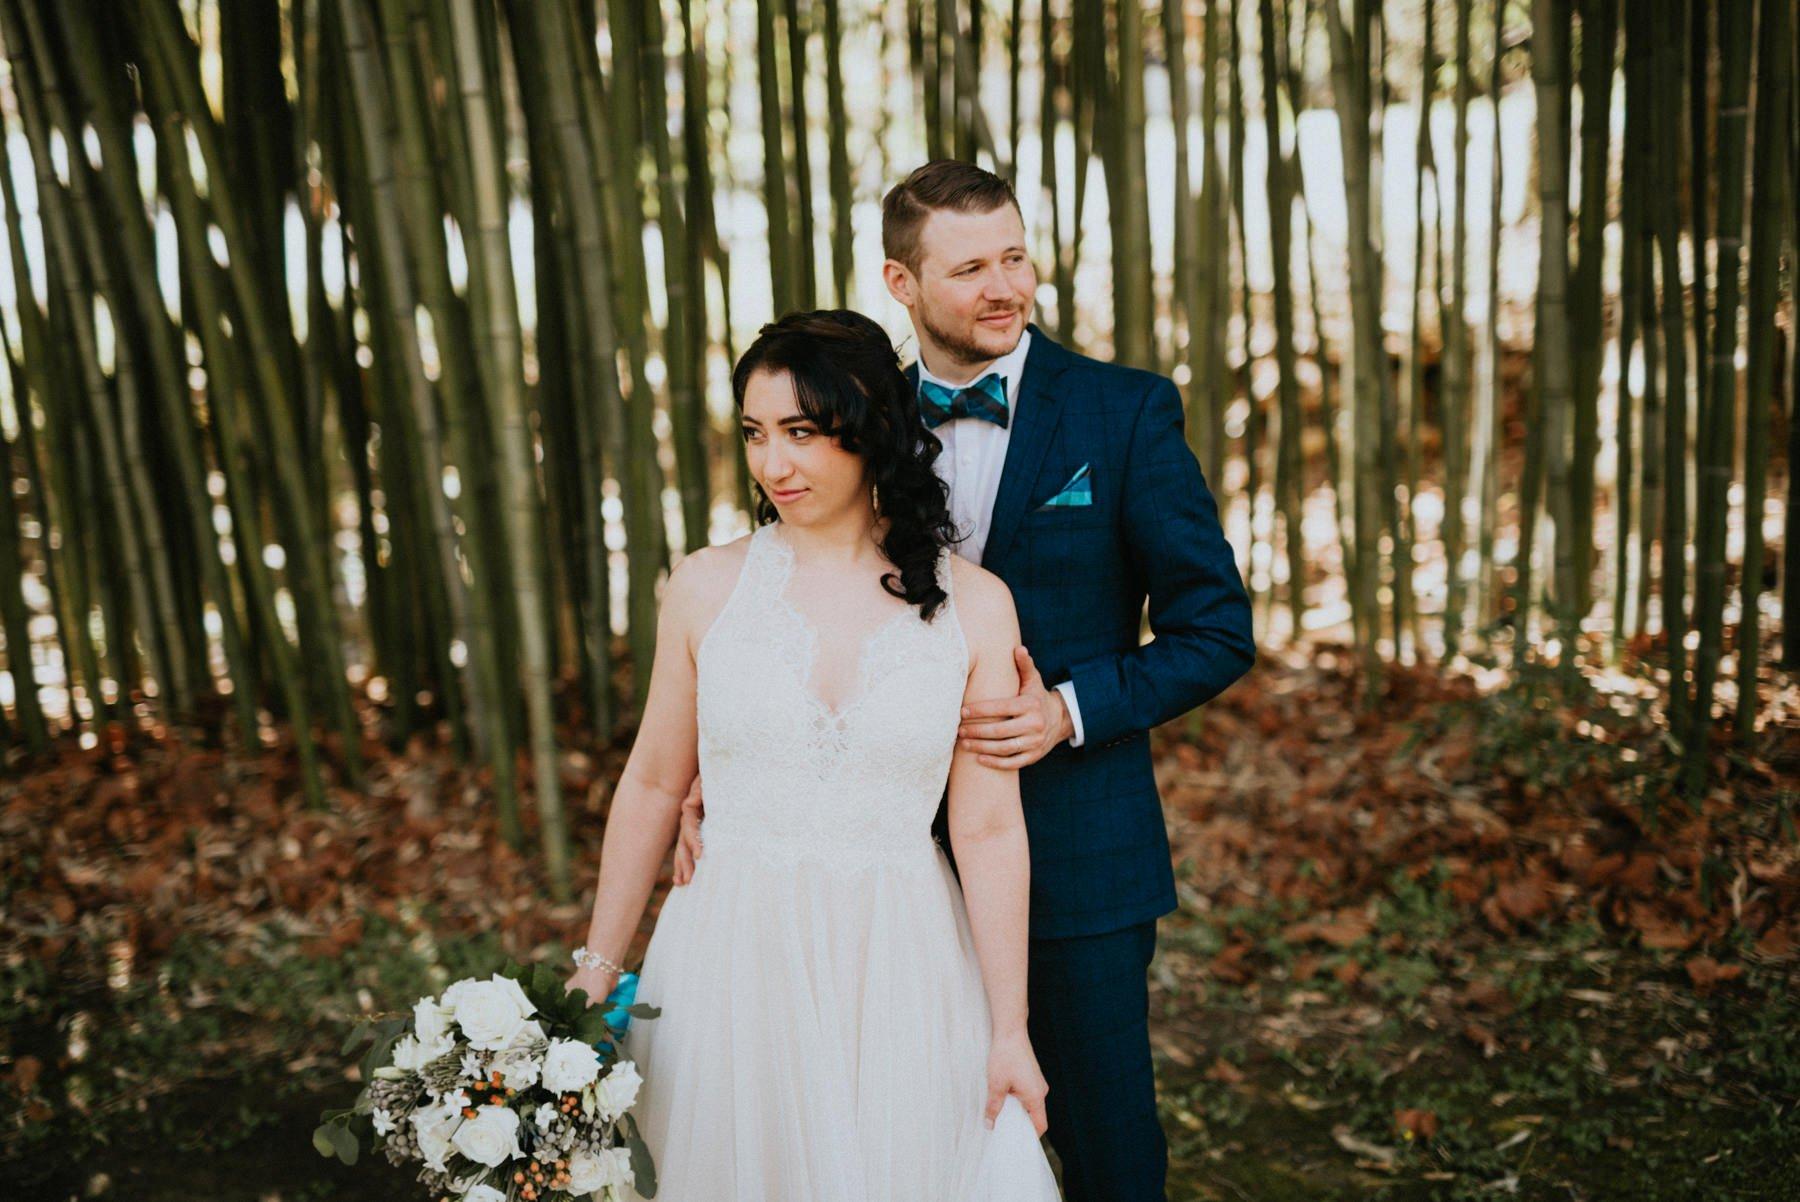 old-mill-rose-valley-wedding-25.jpg